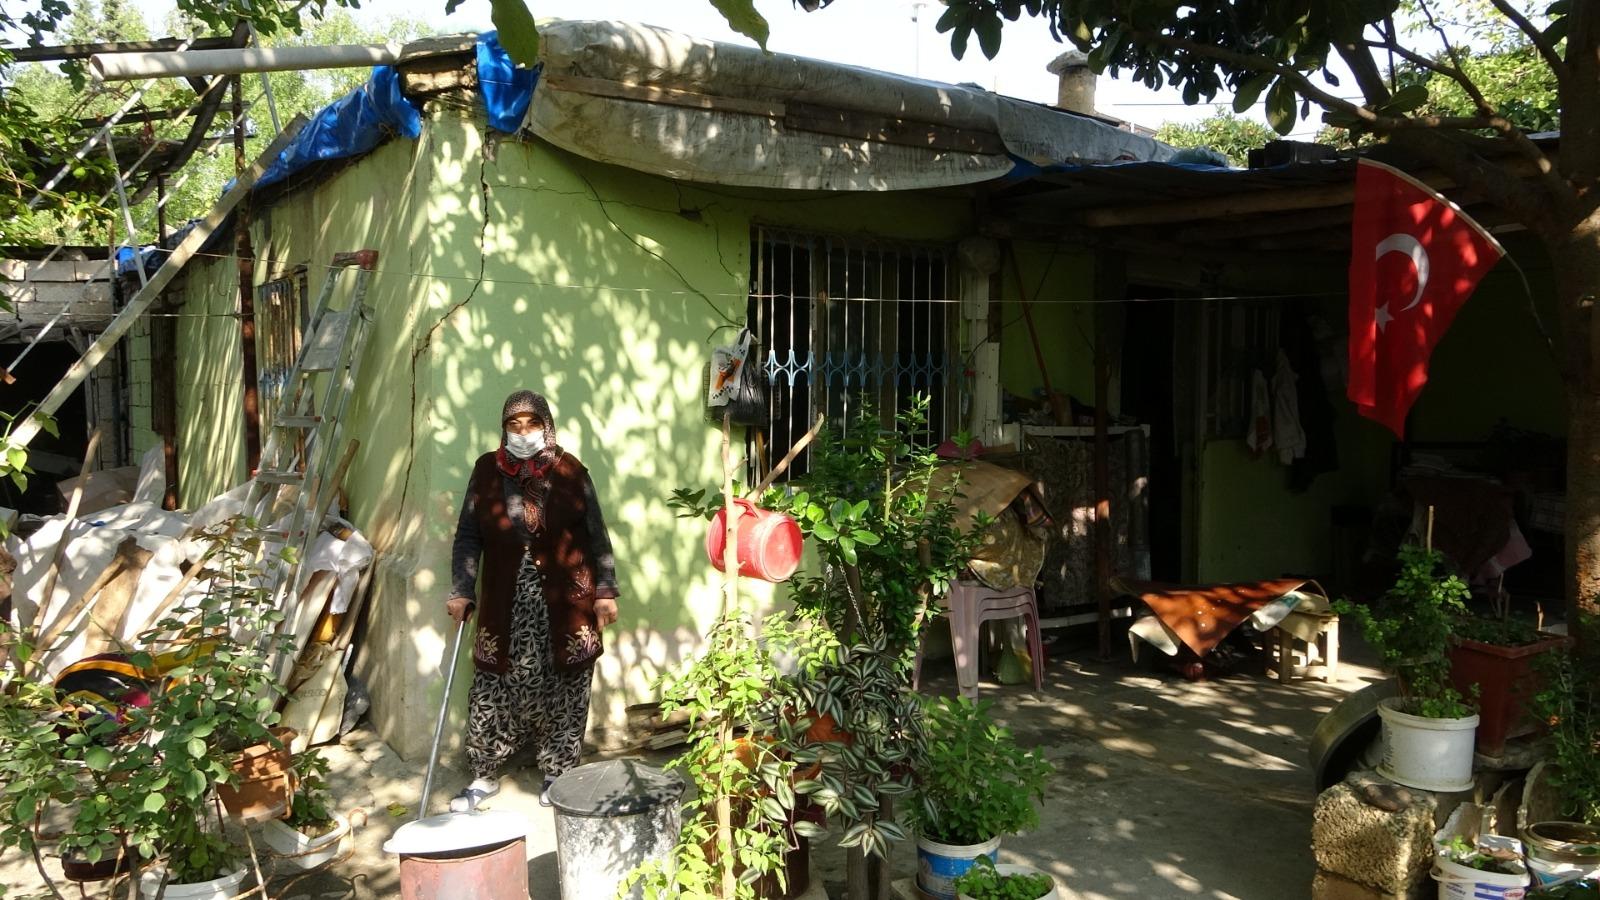 Tavanı çöken duvarları yarık evde yaşama tutunmaya çalışıyor